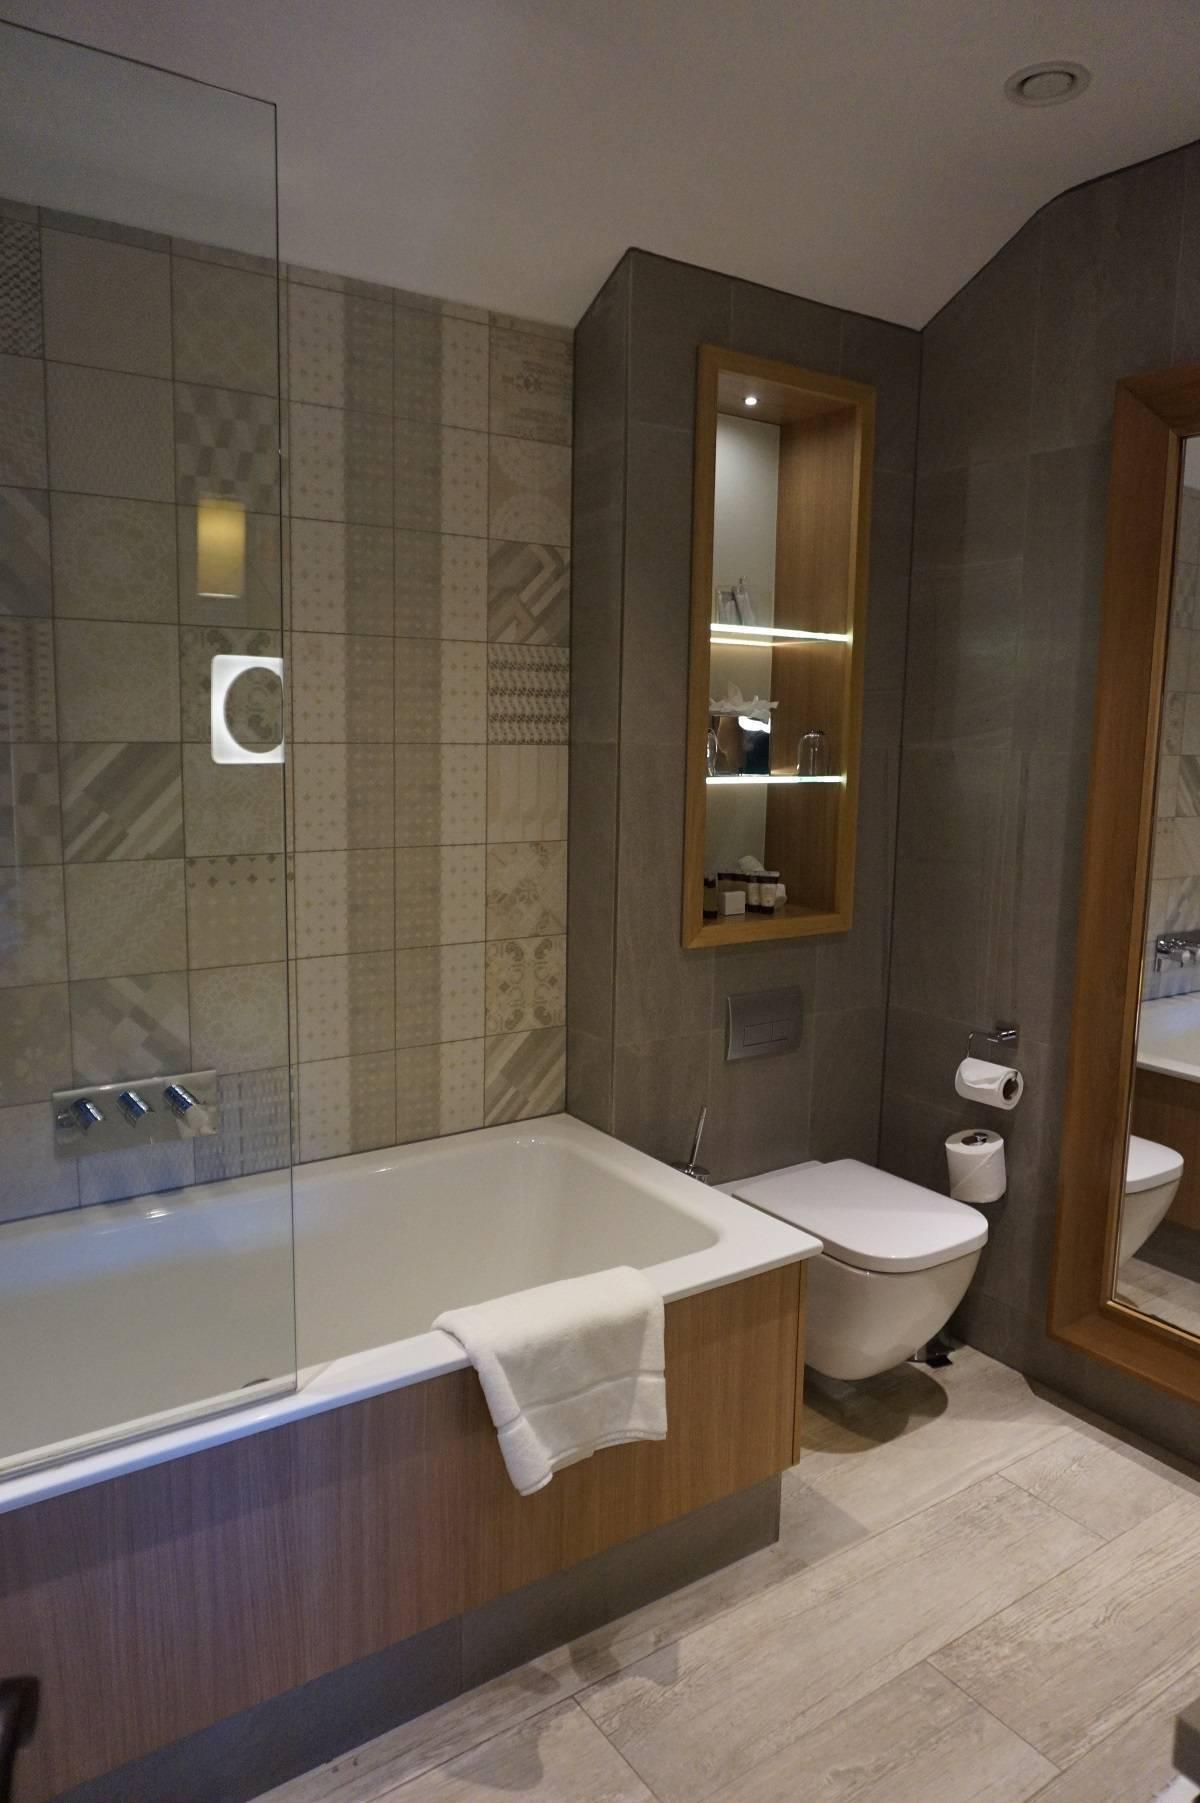 Bathroom in Snowflake Mews Suite